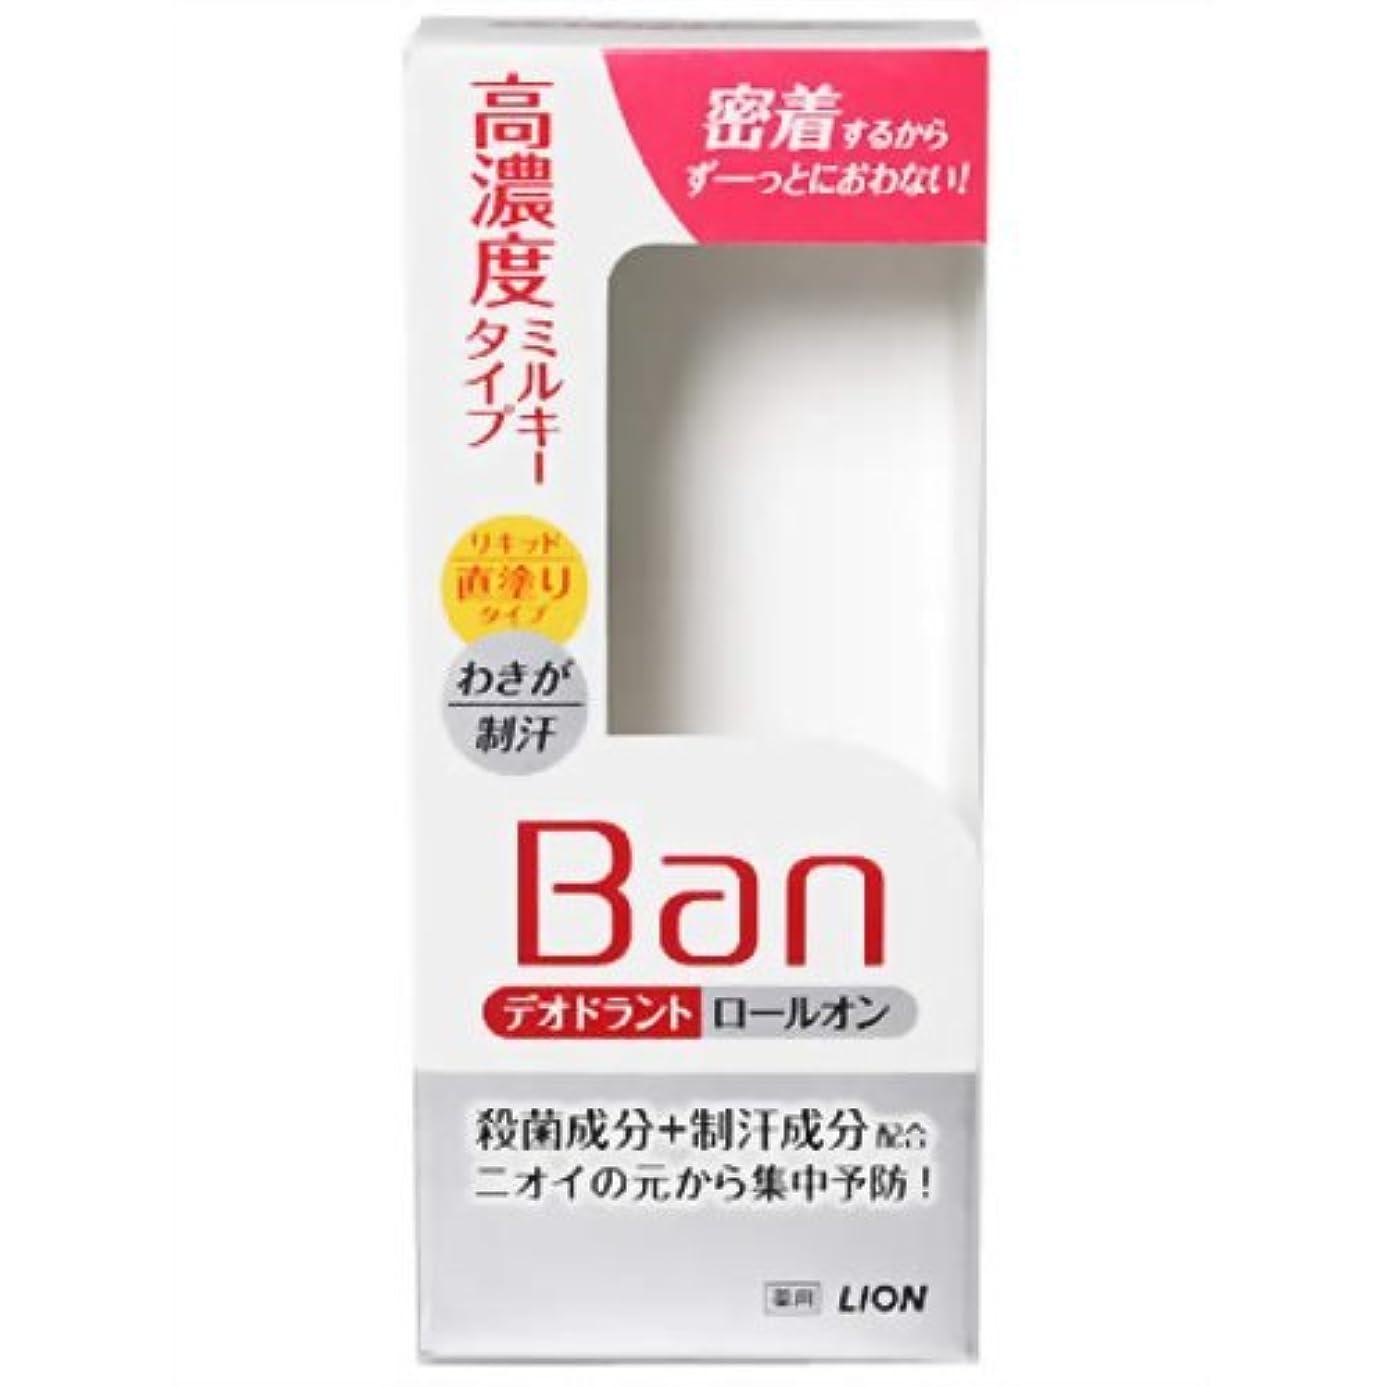 過ちすることになっている冷えるBan(バン) デオドラントロールオン 高濃度ミルキータイプ 30ml